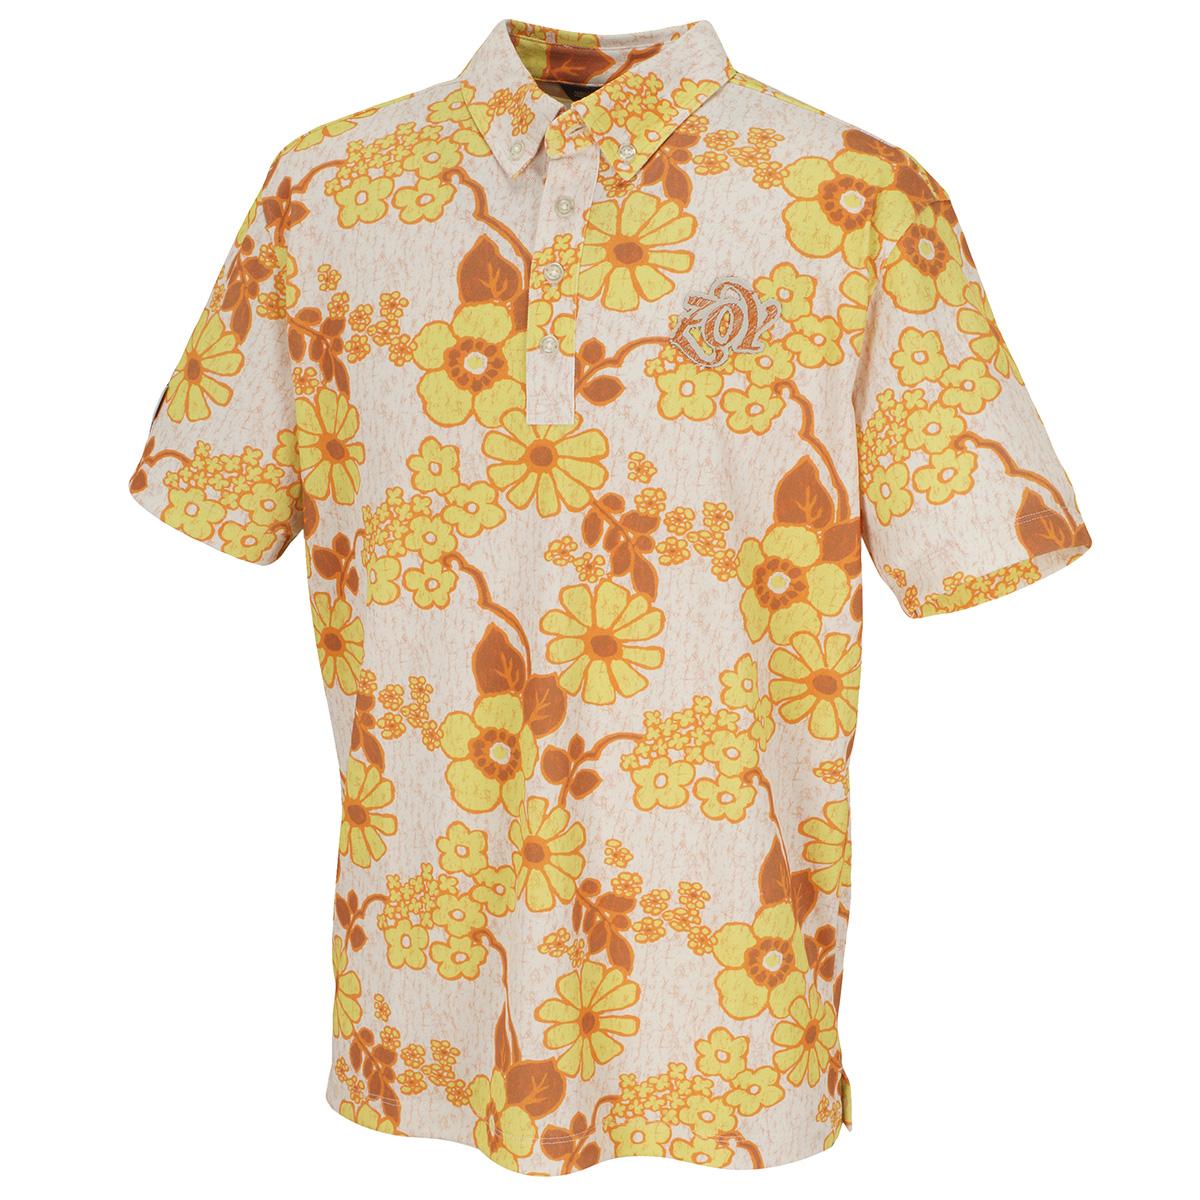 JAMSフラワープリント 半袖ポロシャツ